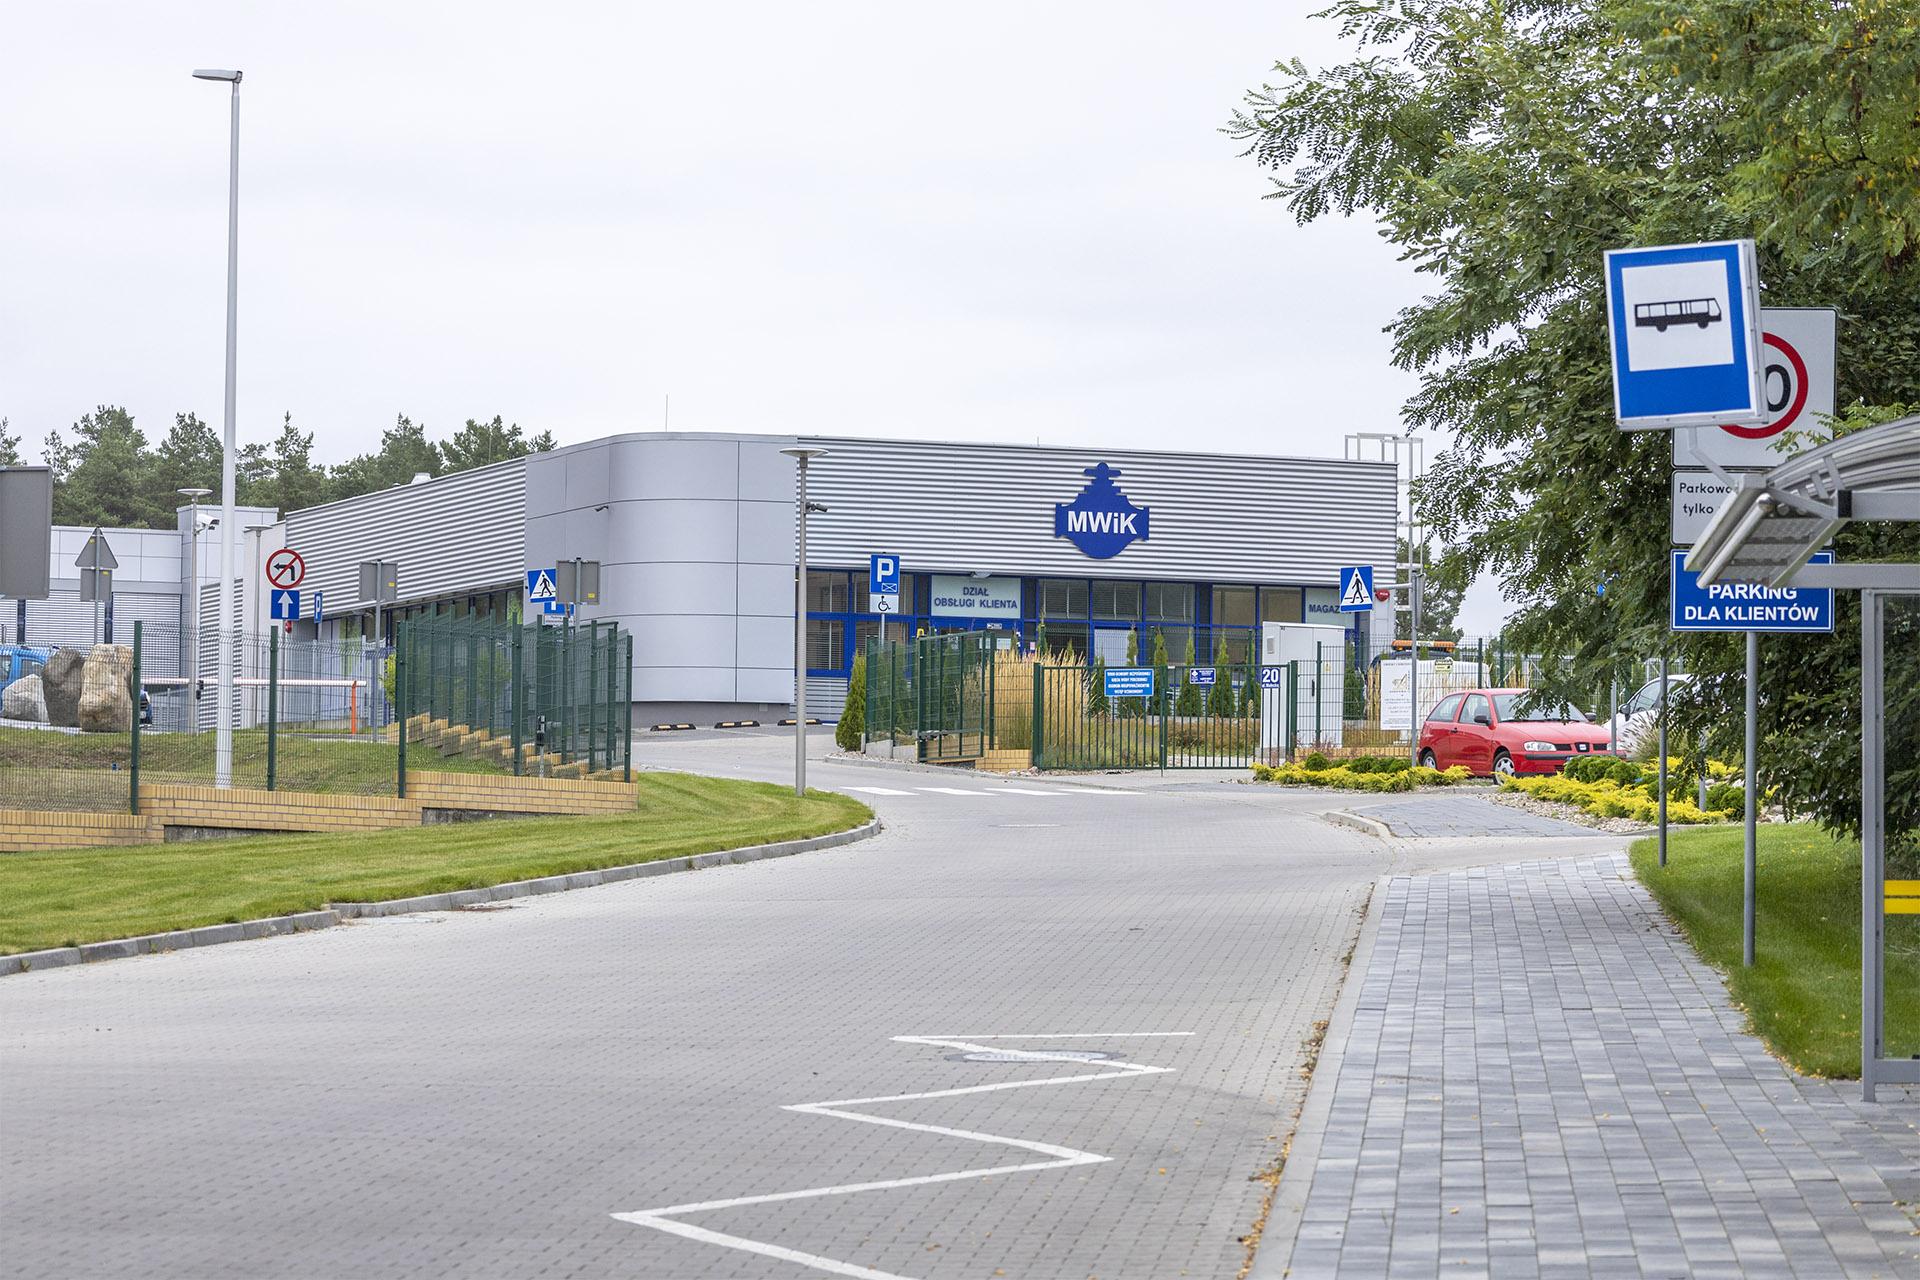 Miejskie Wodociągi i Kanalizacja przeprowadziły się do nowej siedziby przy Wałeckiej w 2019 r. Fot. Marcin Maziarz